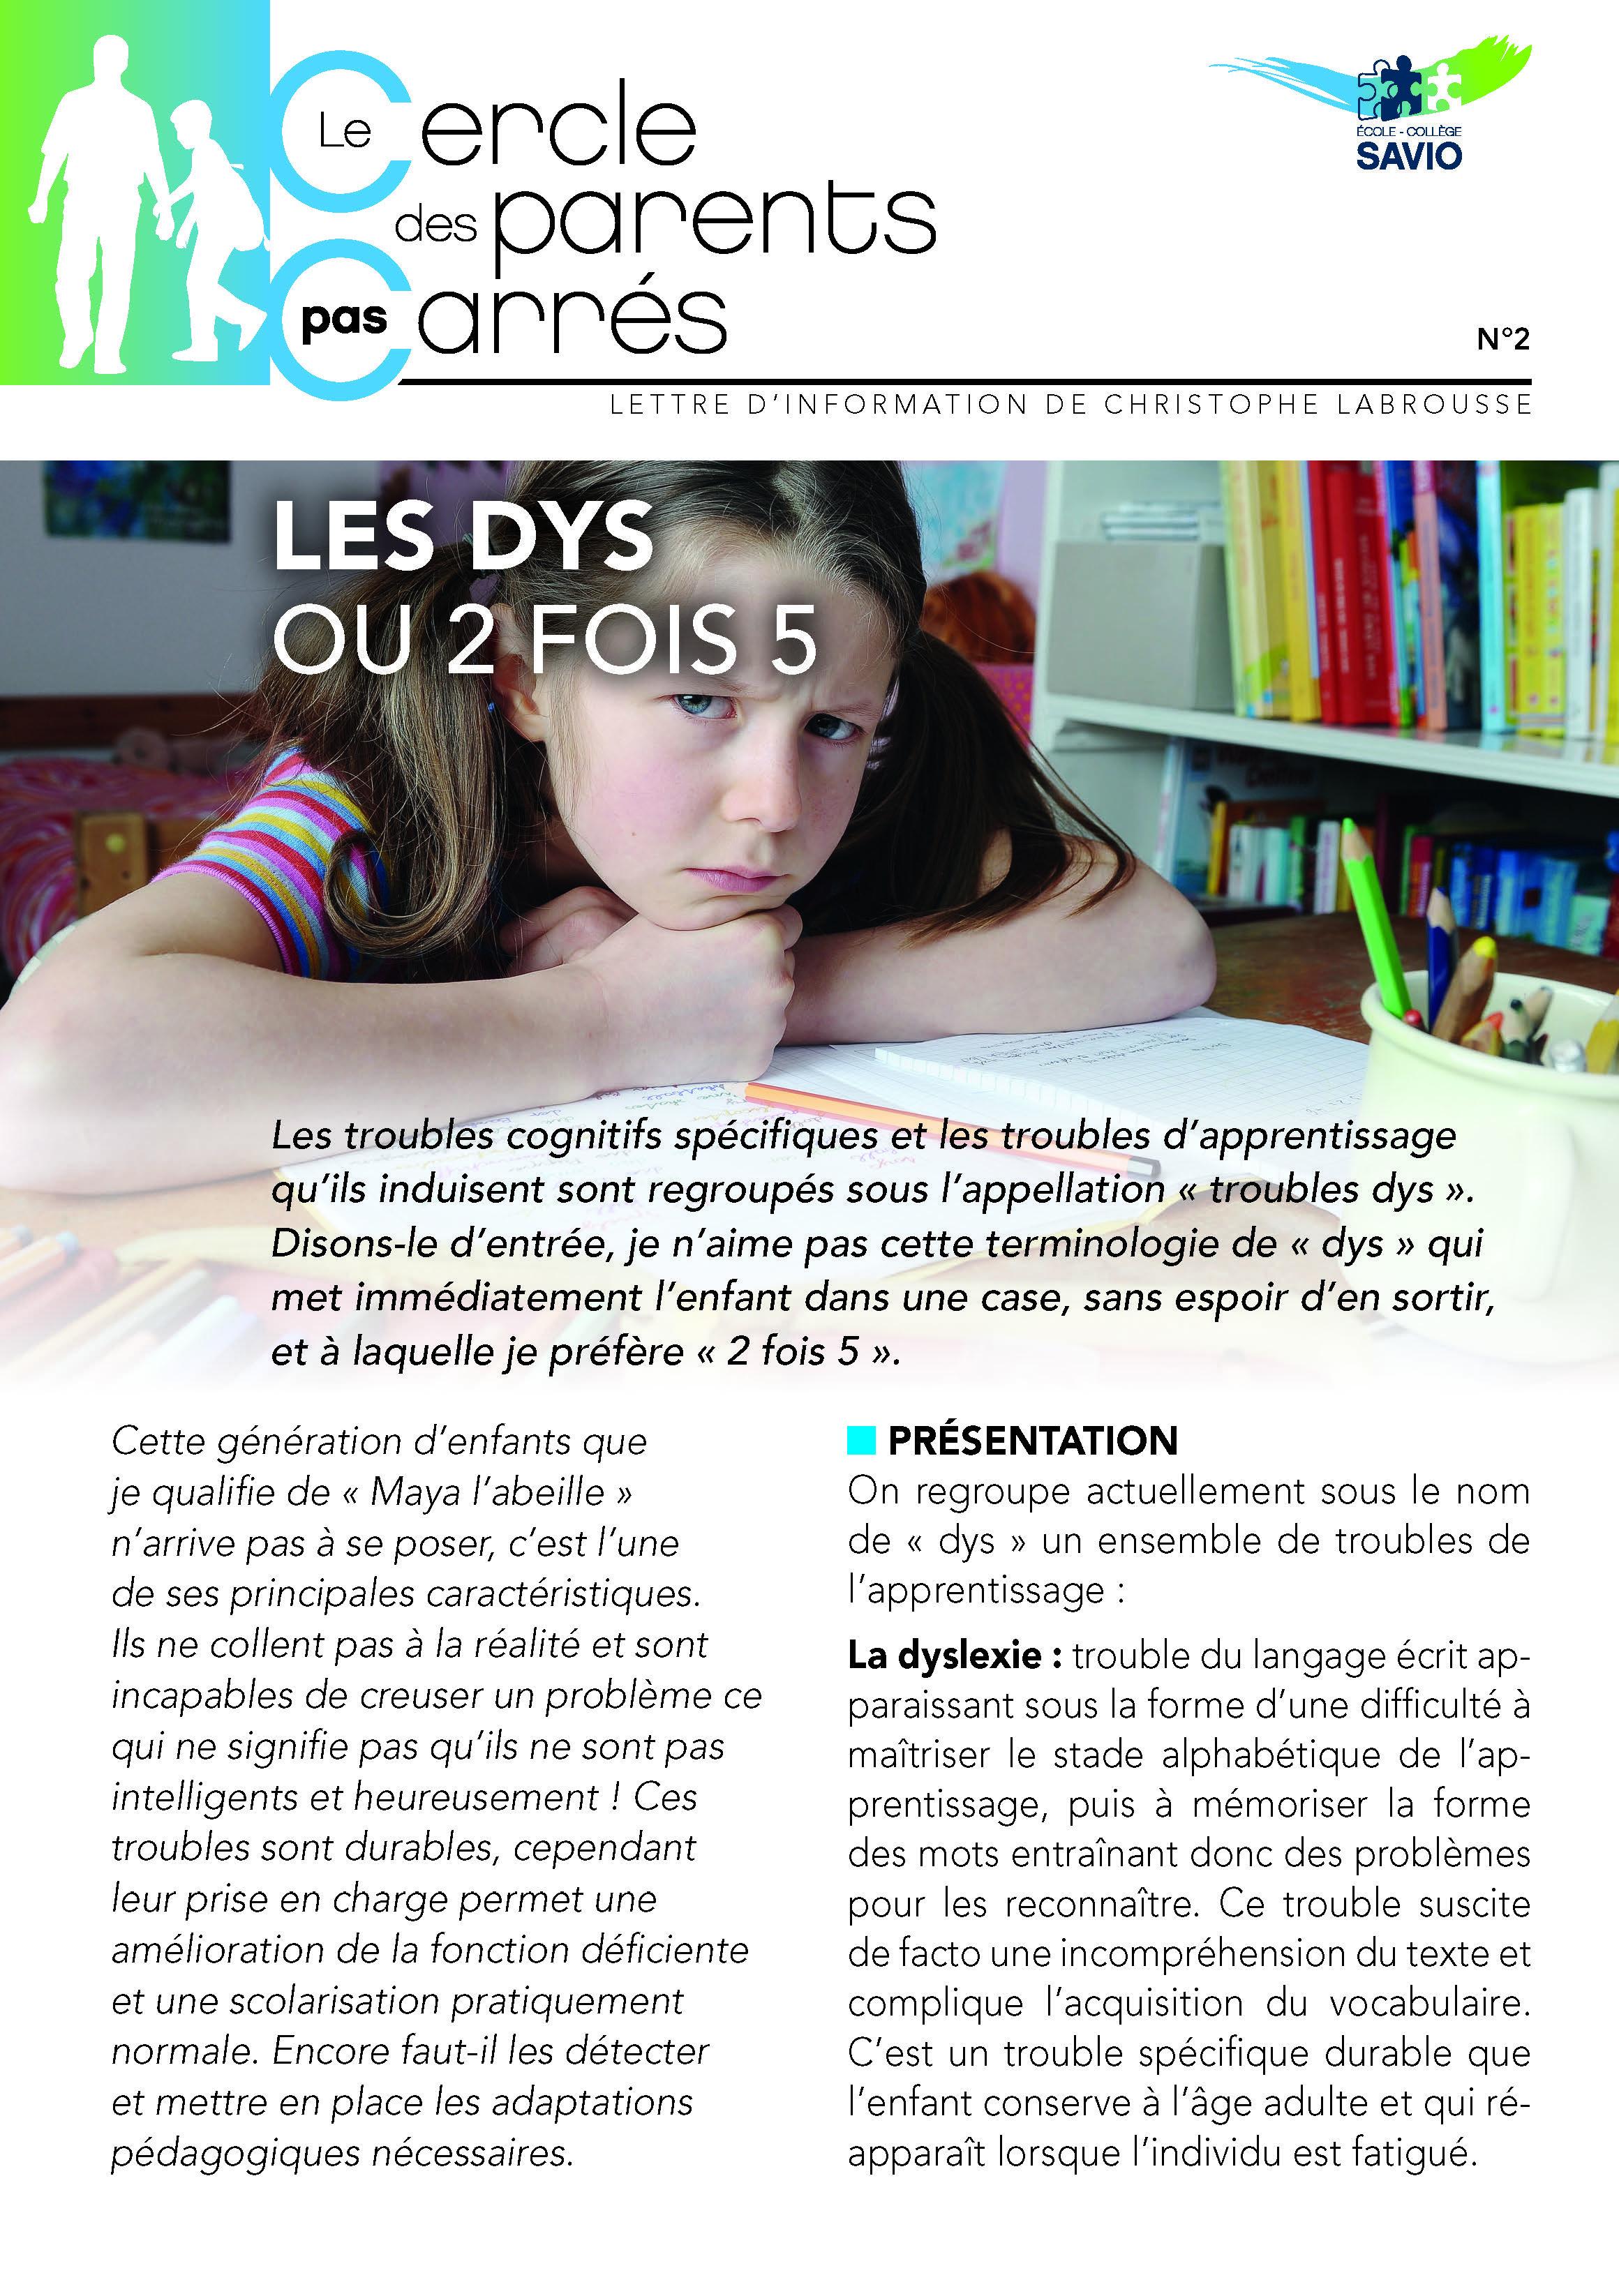 COUV SAVIO FICHE n°2 - LES DYS OU 2 FOIS 5